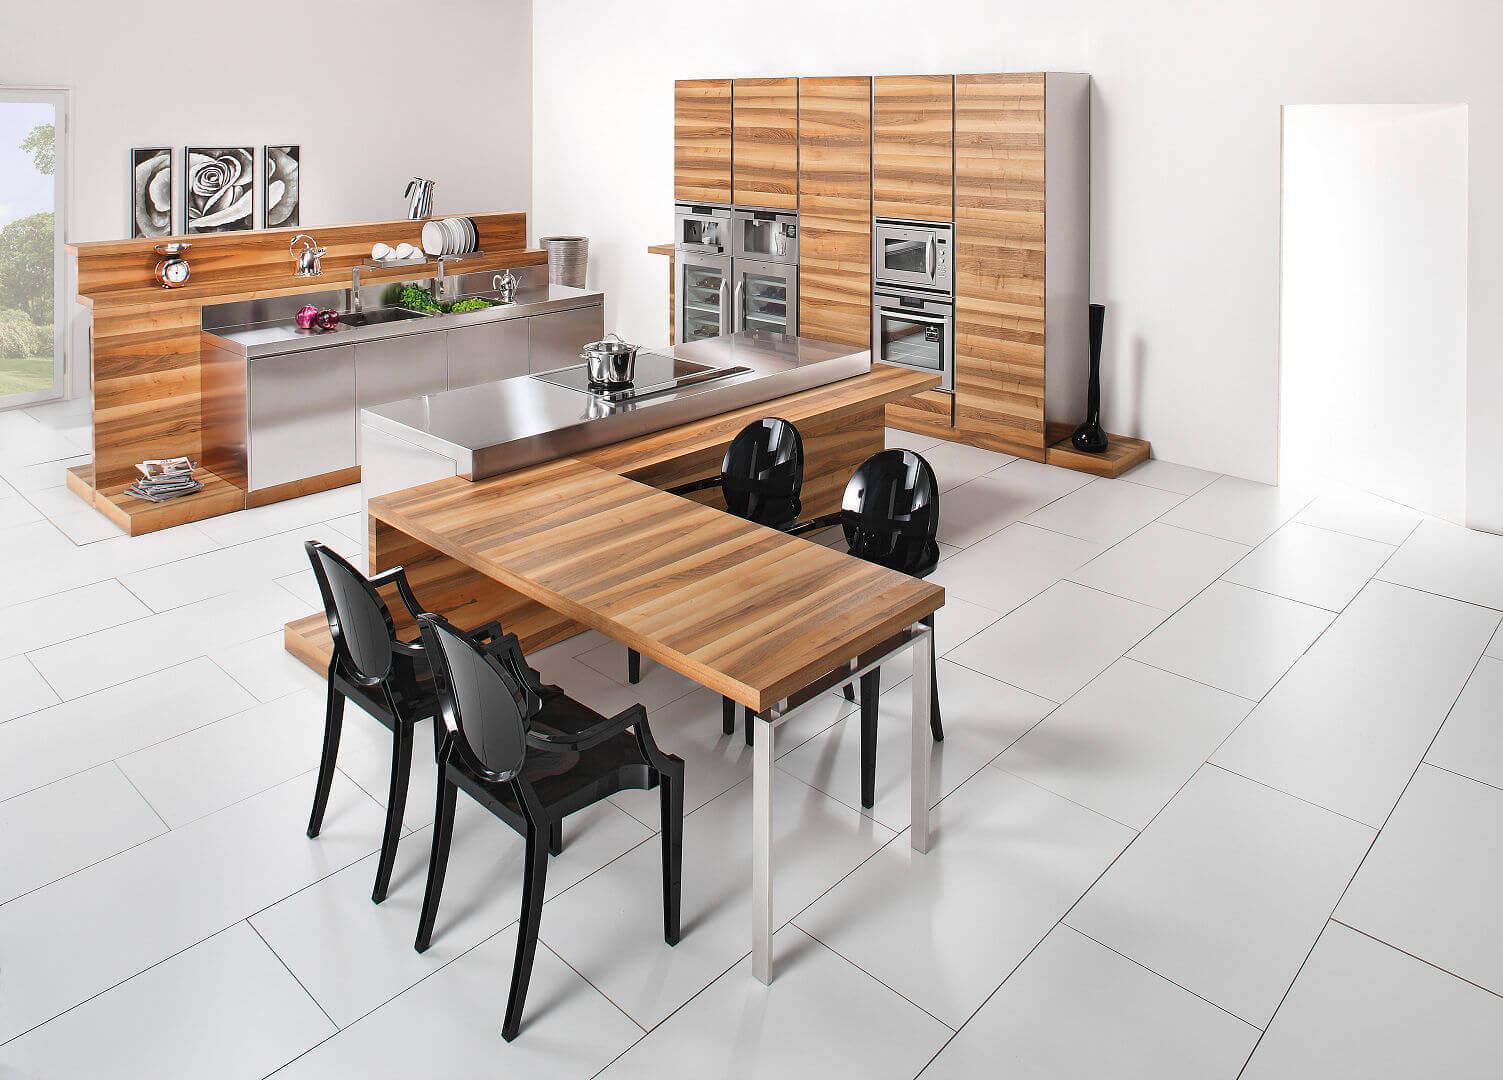 Arca Cucine Italia - Cucine Domestiche Acciaio Inox - Hd - tavolo